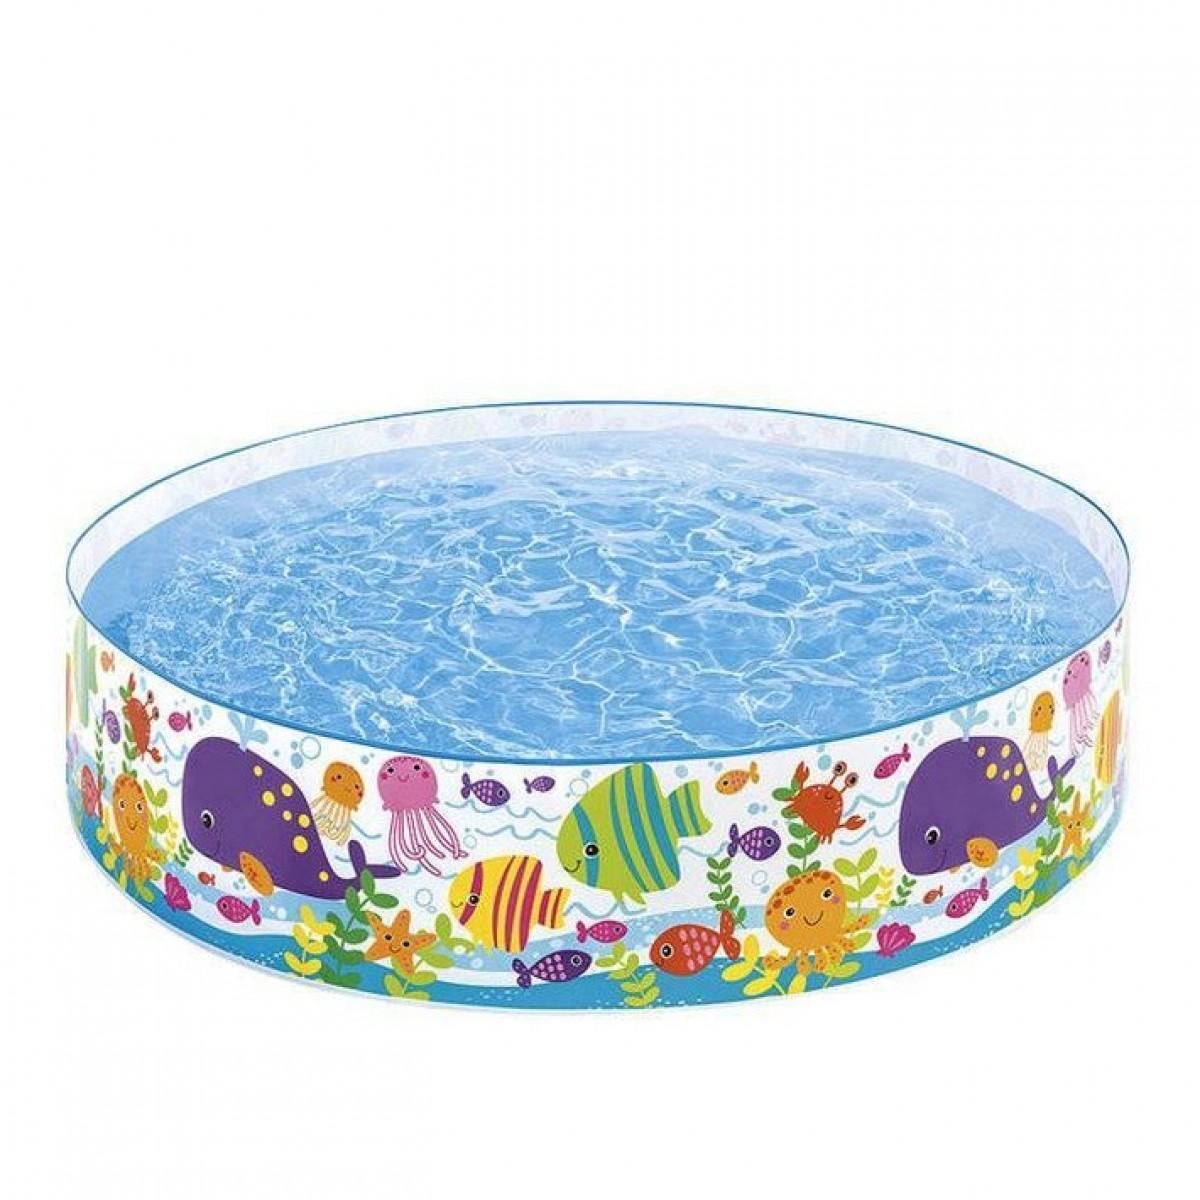 حوض سباحة قابل للنفخ سنست جلو للاطفال من انتكس - 56452NP